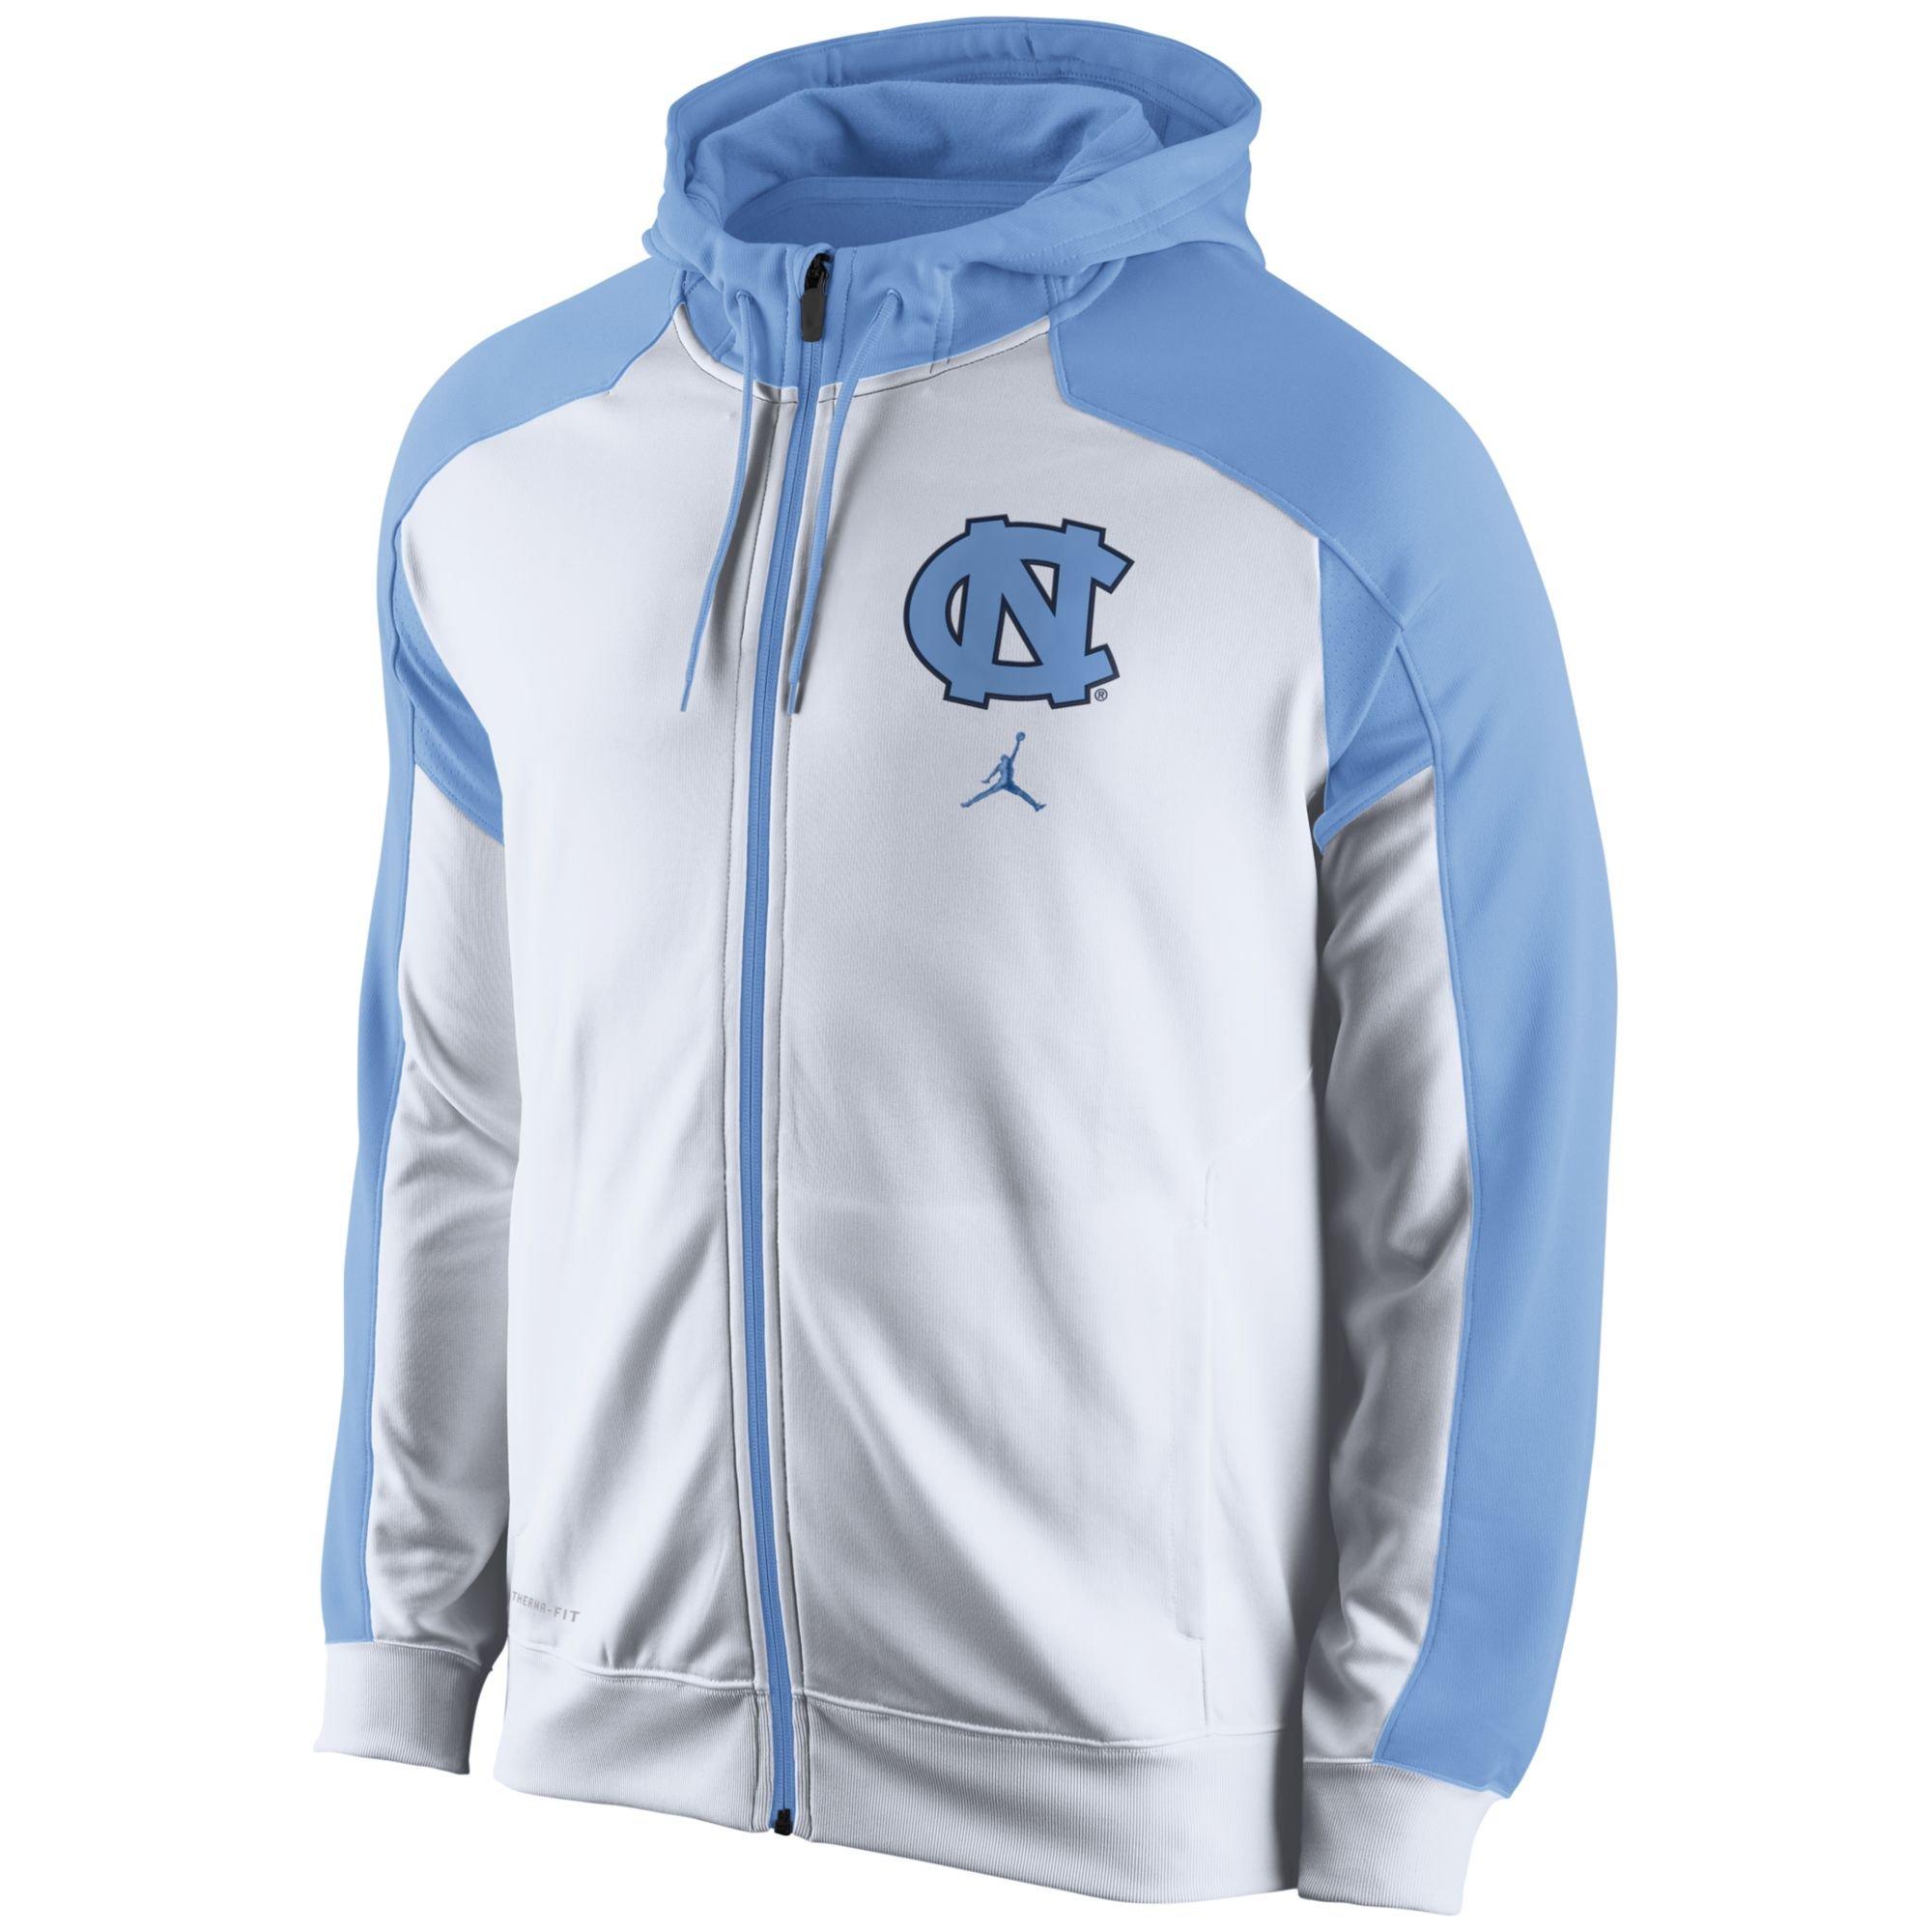 32242cebeeb4d7 Nike Mens North Carolina Tar Heels Thermafit Fullzip Hoodie in Blue ...